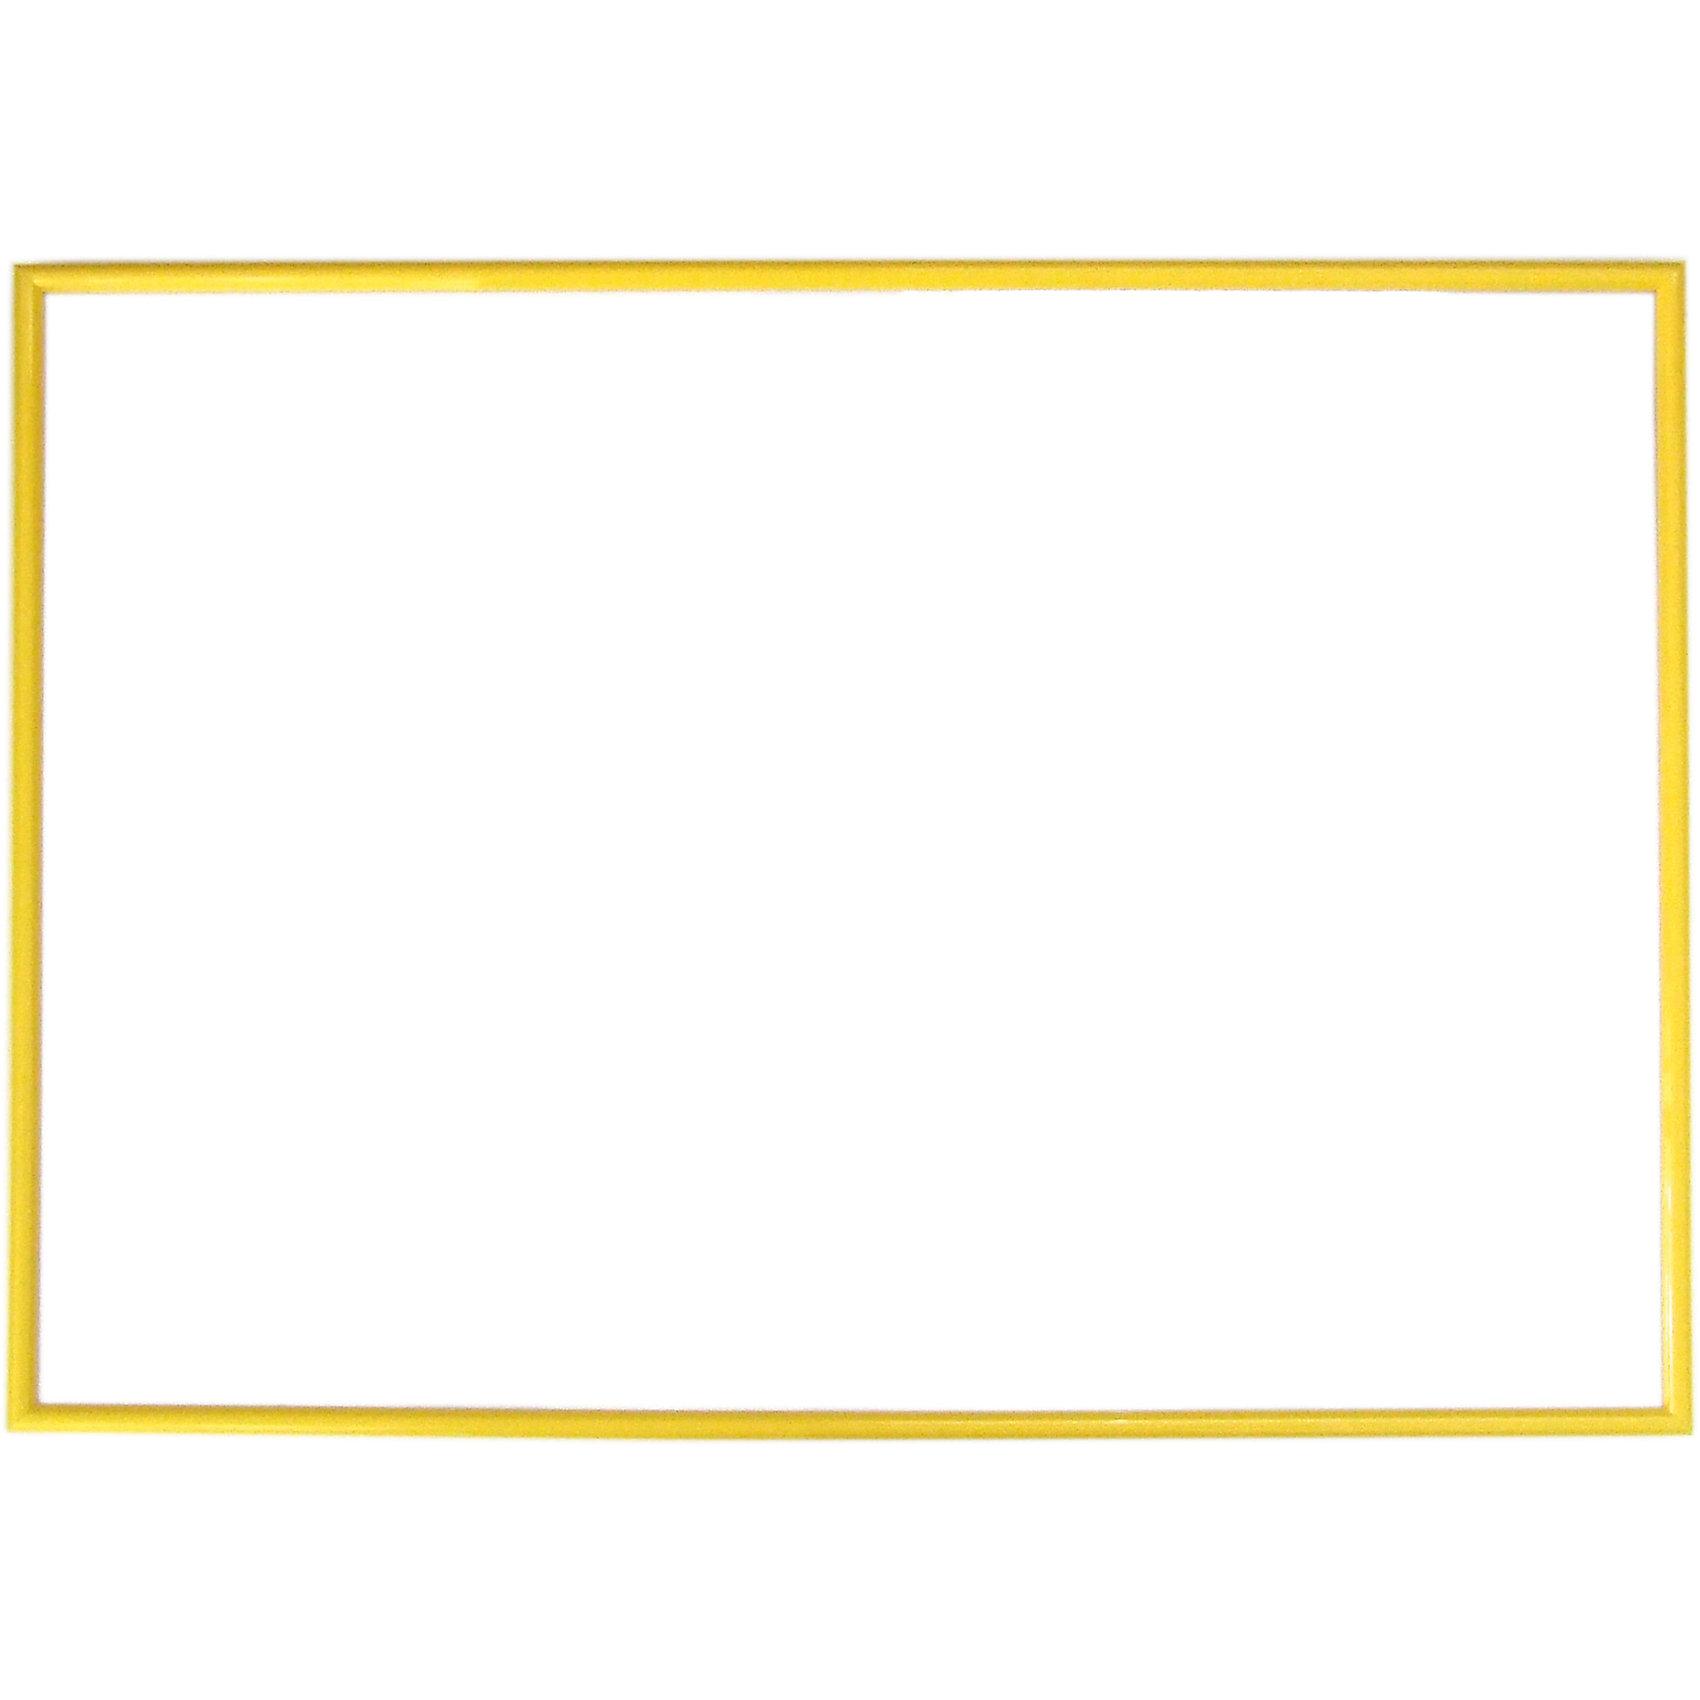 Рамка для пазла 500 деталей, 35х50 см, желтаяРамка для пазла 500 деталей, 35х50 см, желтая послужит прекрасным дополнением к собранному пазлу и станет эксклюзивным подарком для каждого любителя пазлов! <br><br>Дополнительная информация:<br>-Размер пазла: 35х50 см (500 деталей)<br>-Цвет рамы: желтый<br>-Материалы: пластик<br>-Ширина профиля: 1 см<br><br>Рамку для пазла 500 деталей, 35х50 см, желтая можно купить в нашем магазине.<br><br>Ширина мм: 350<br>Глубина мм: 500<br>Высота мм: 20<br>Вес г: 300<br>Возраст от месяцев: 72<br>Возраст до месяцев: 192<br>Пол: Унисекс<br>Возраст: Детский<br>SKU: 4244024